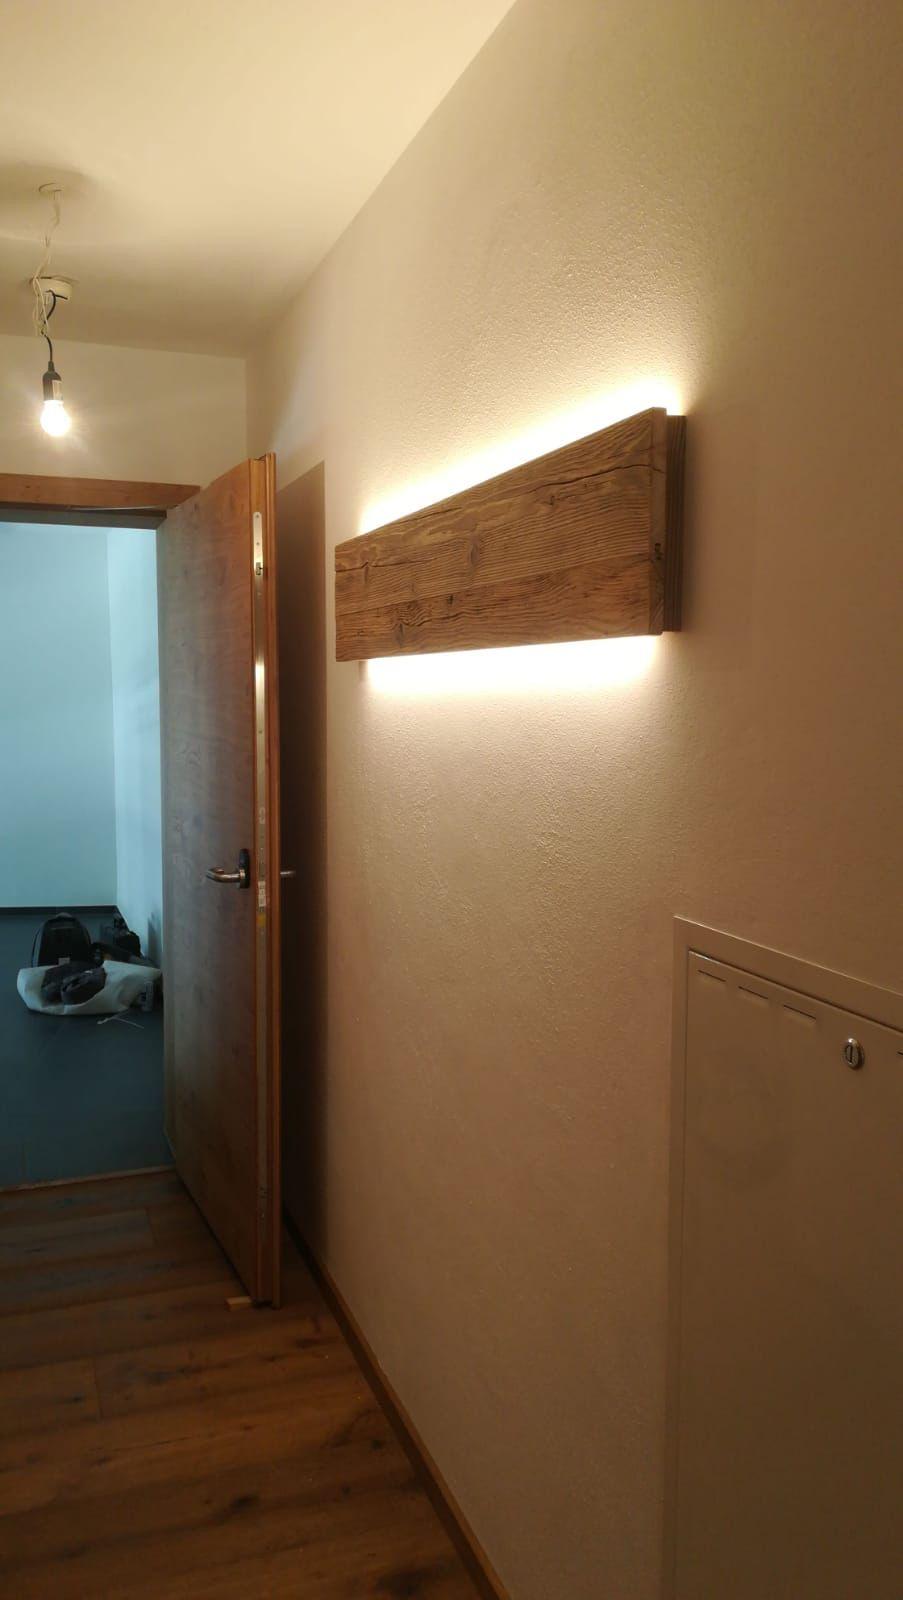 Wandlampe Altholz  Wandlampe, Wandlampen aus holz, Beleuchtungsideen